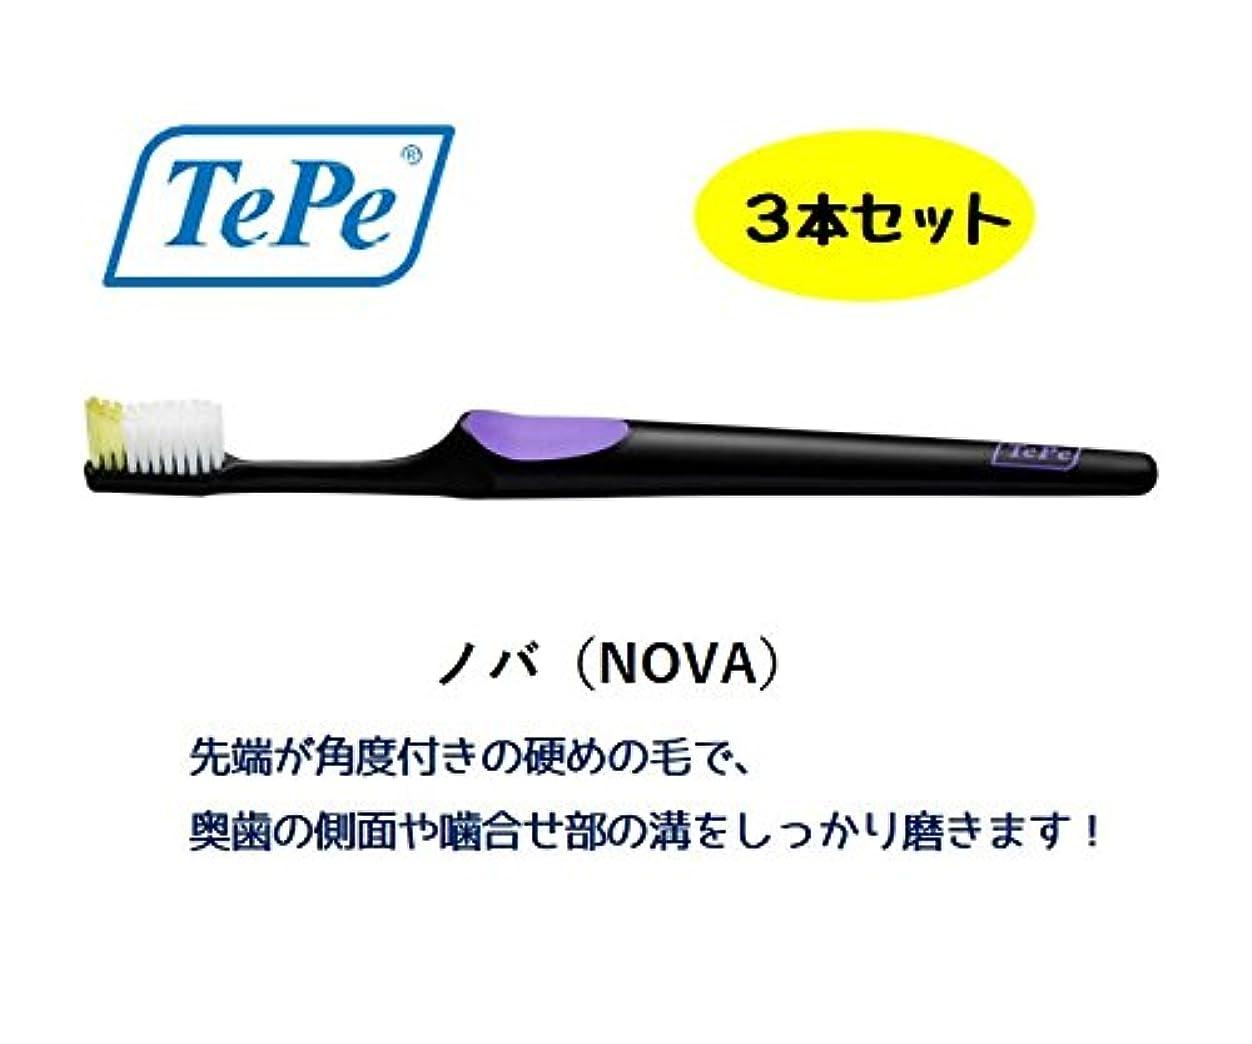 狂う刺すアノイテペ ノバ ブリスター 3本 TePe NOVA (やわらかめ)